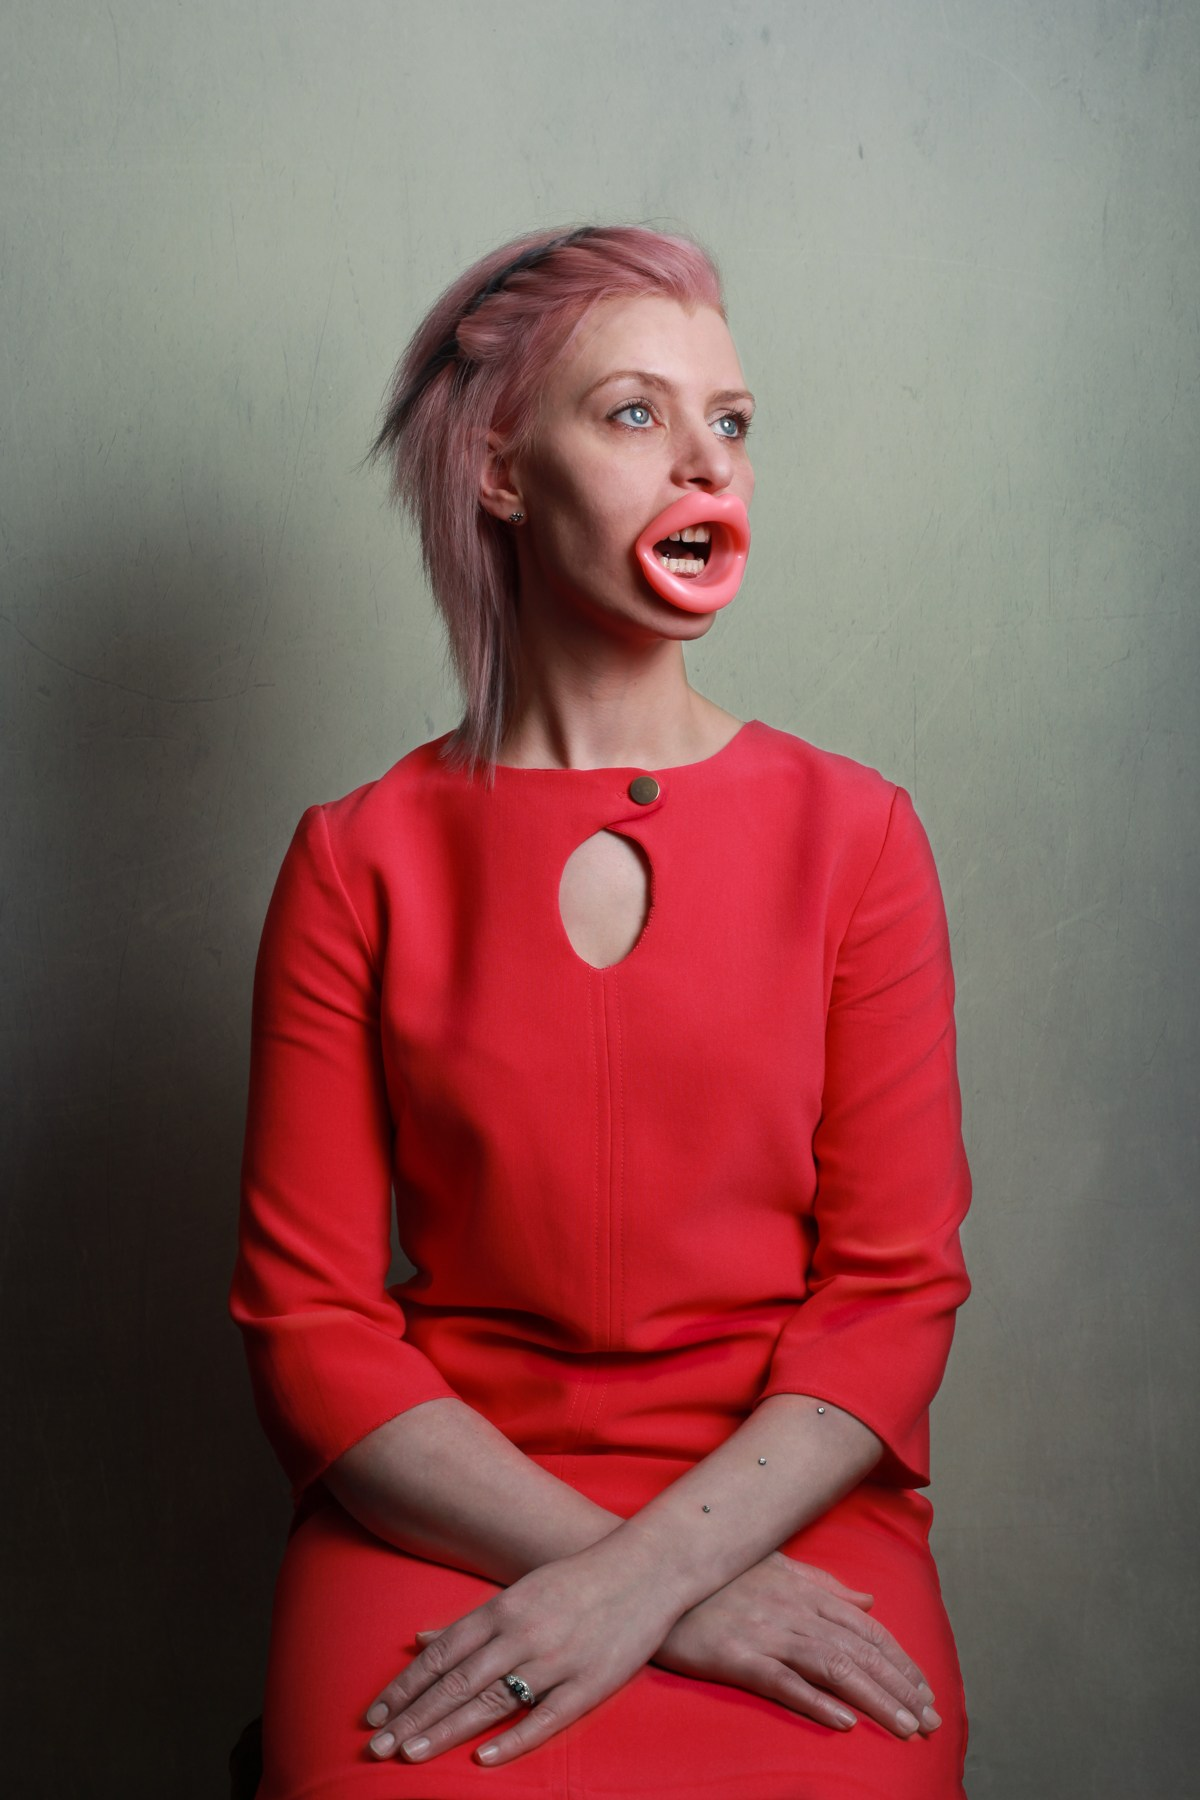 """14 fotos perturbadoras mostram as coisas bizarras que uma mulher usa para ficar """"linda"""" 02"""